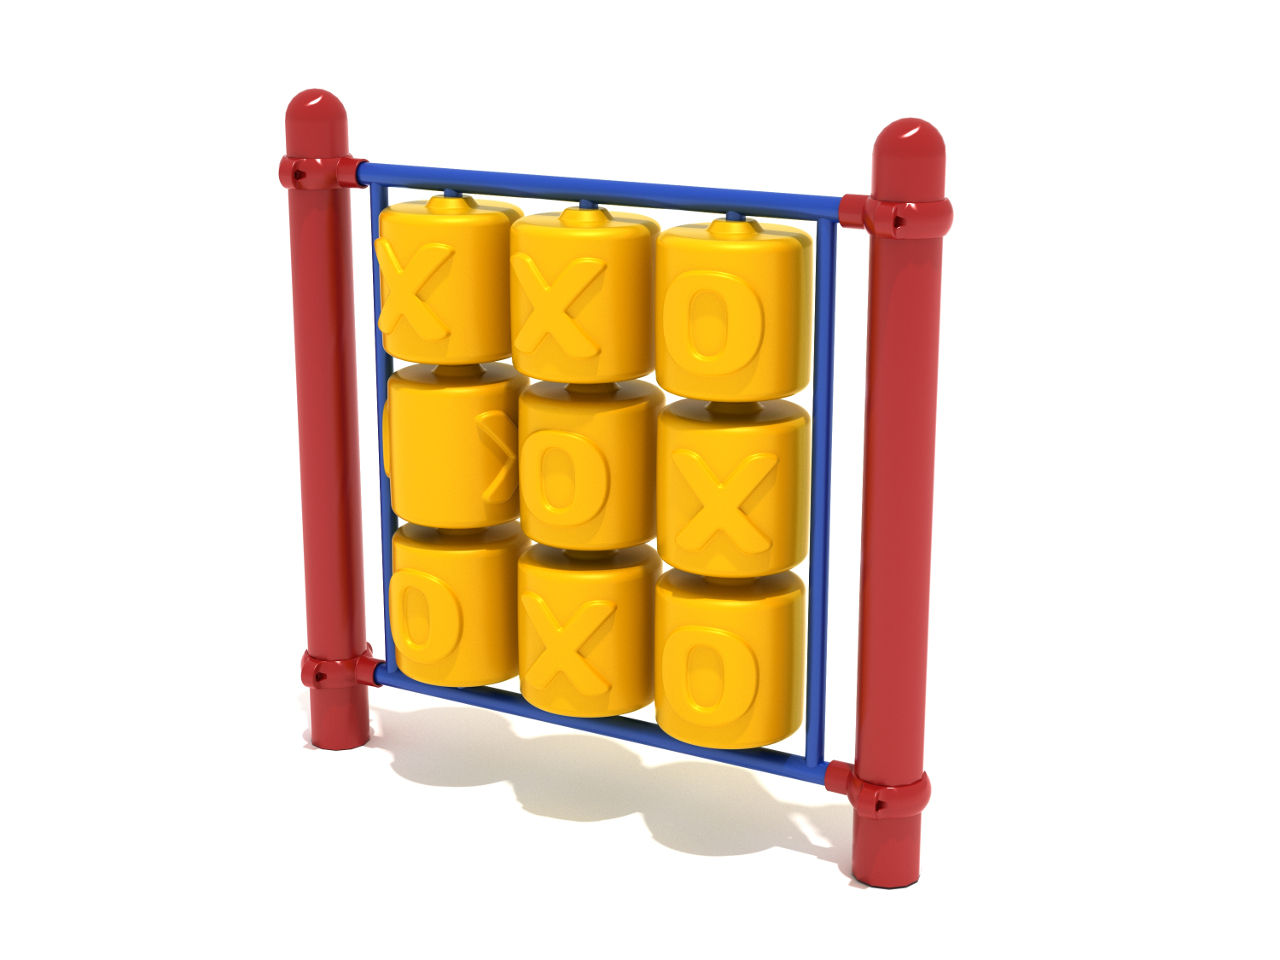 freestanding-tic-tac-toe